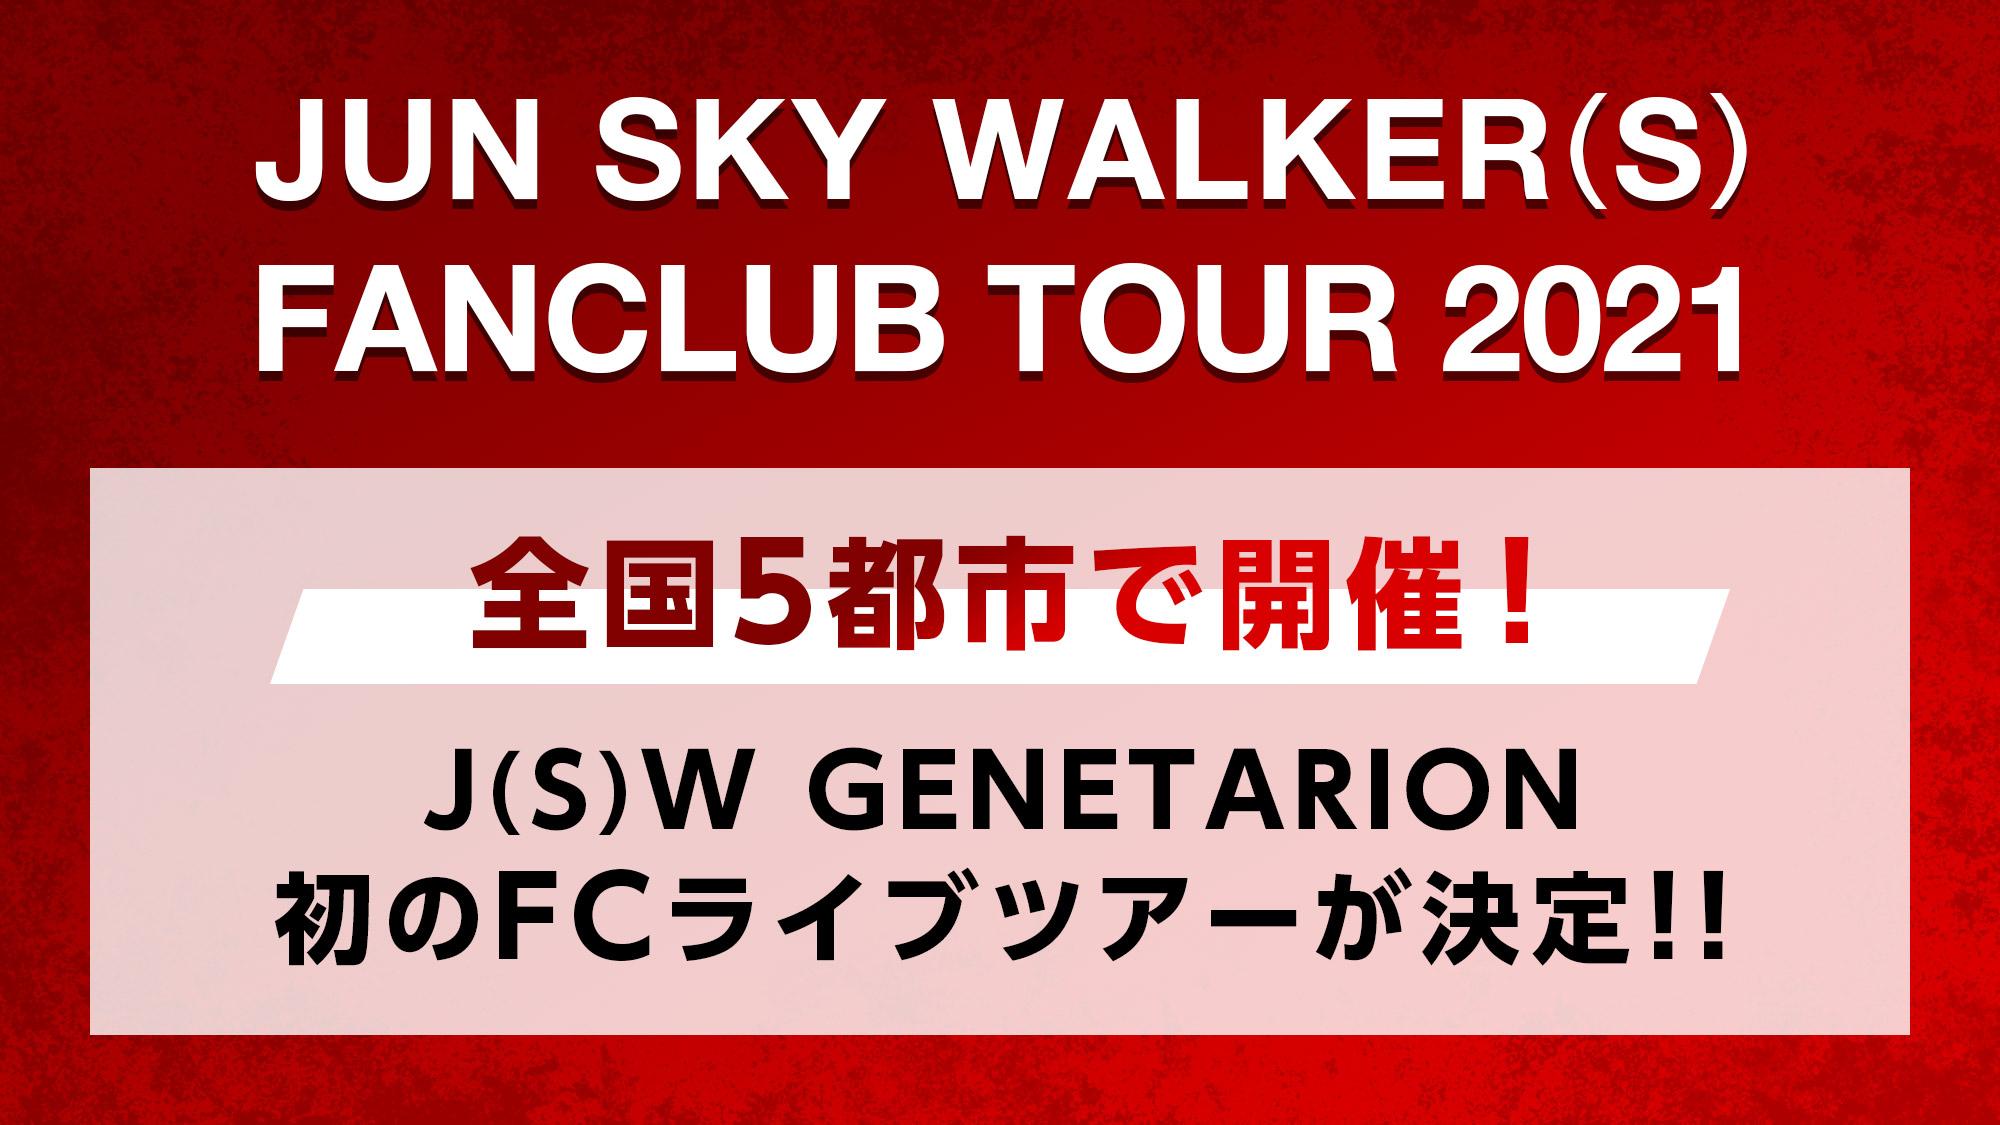 JUN SKY WALKER(S) FAN CLUB TOUR 2021